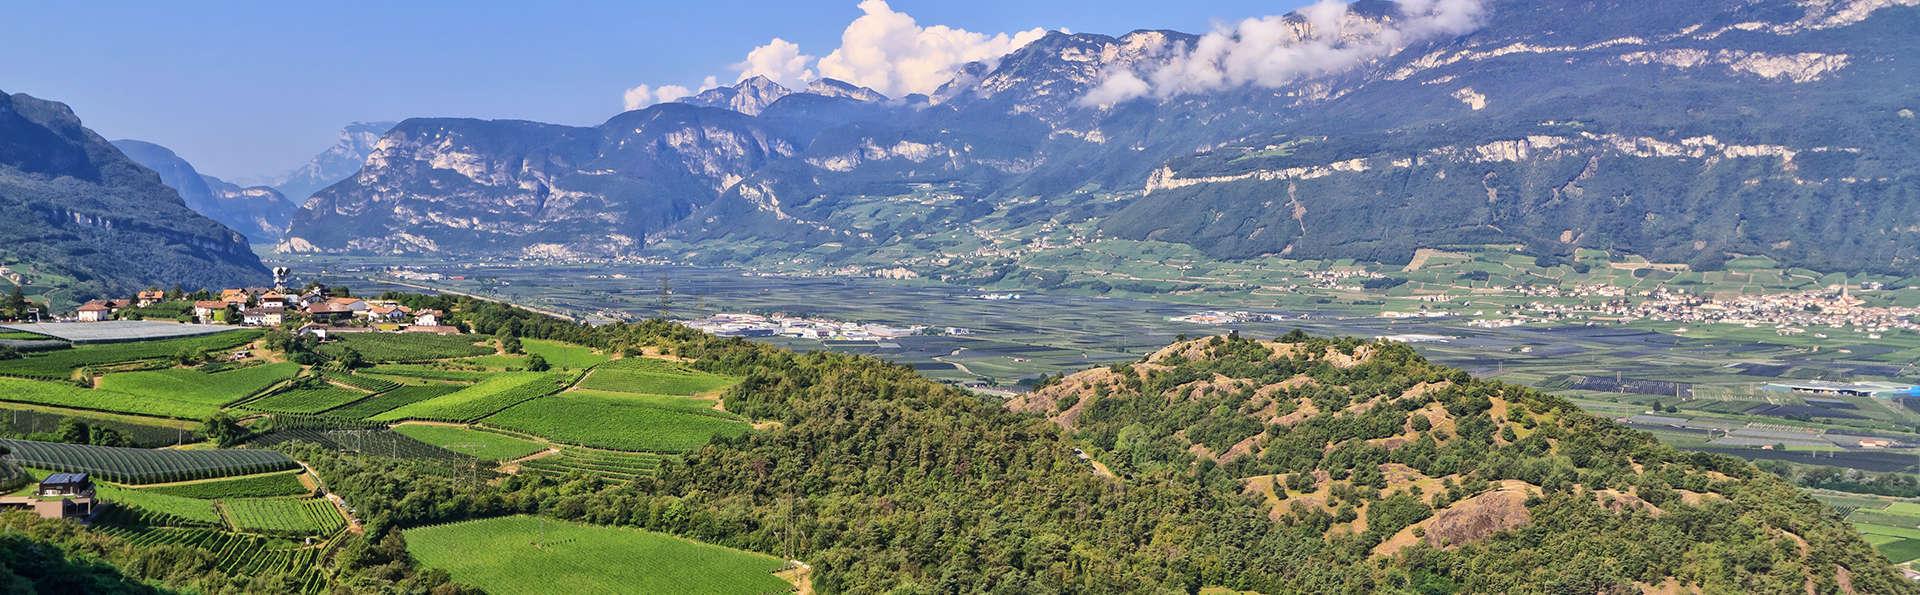 Albergo Bellavista - Edit_Destination2.jpg